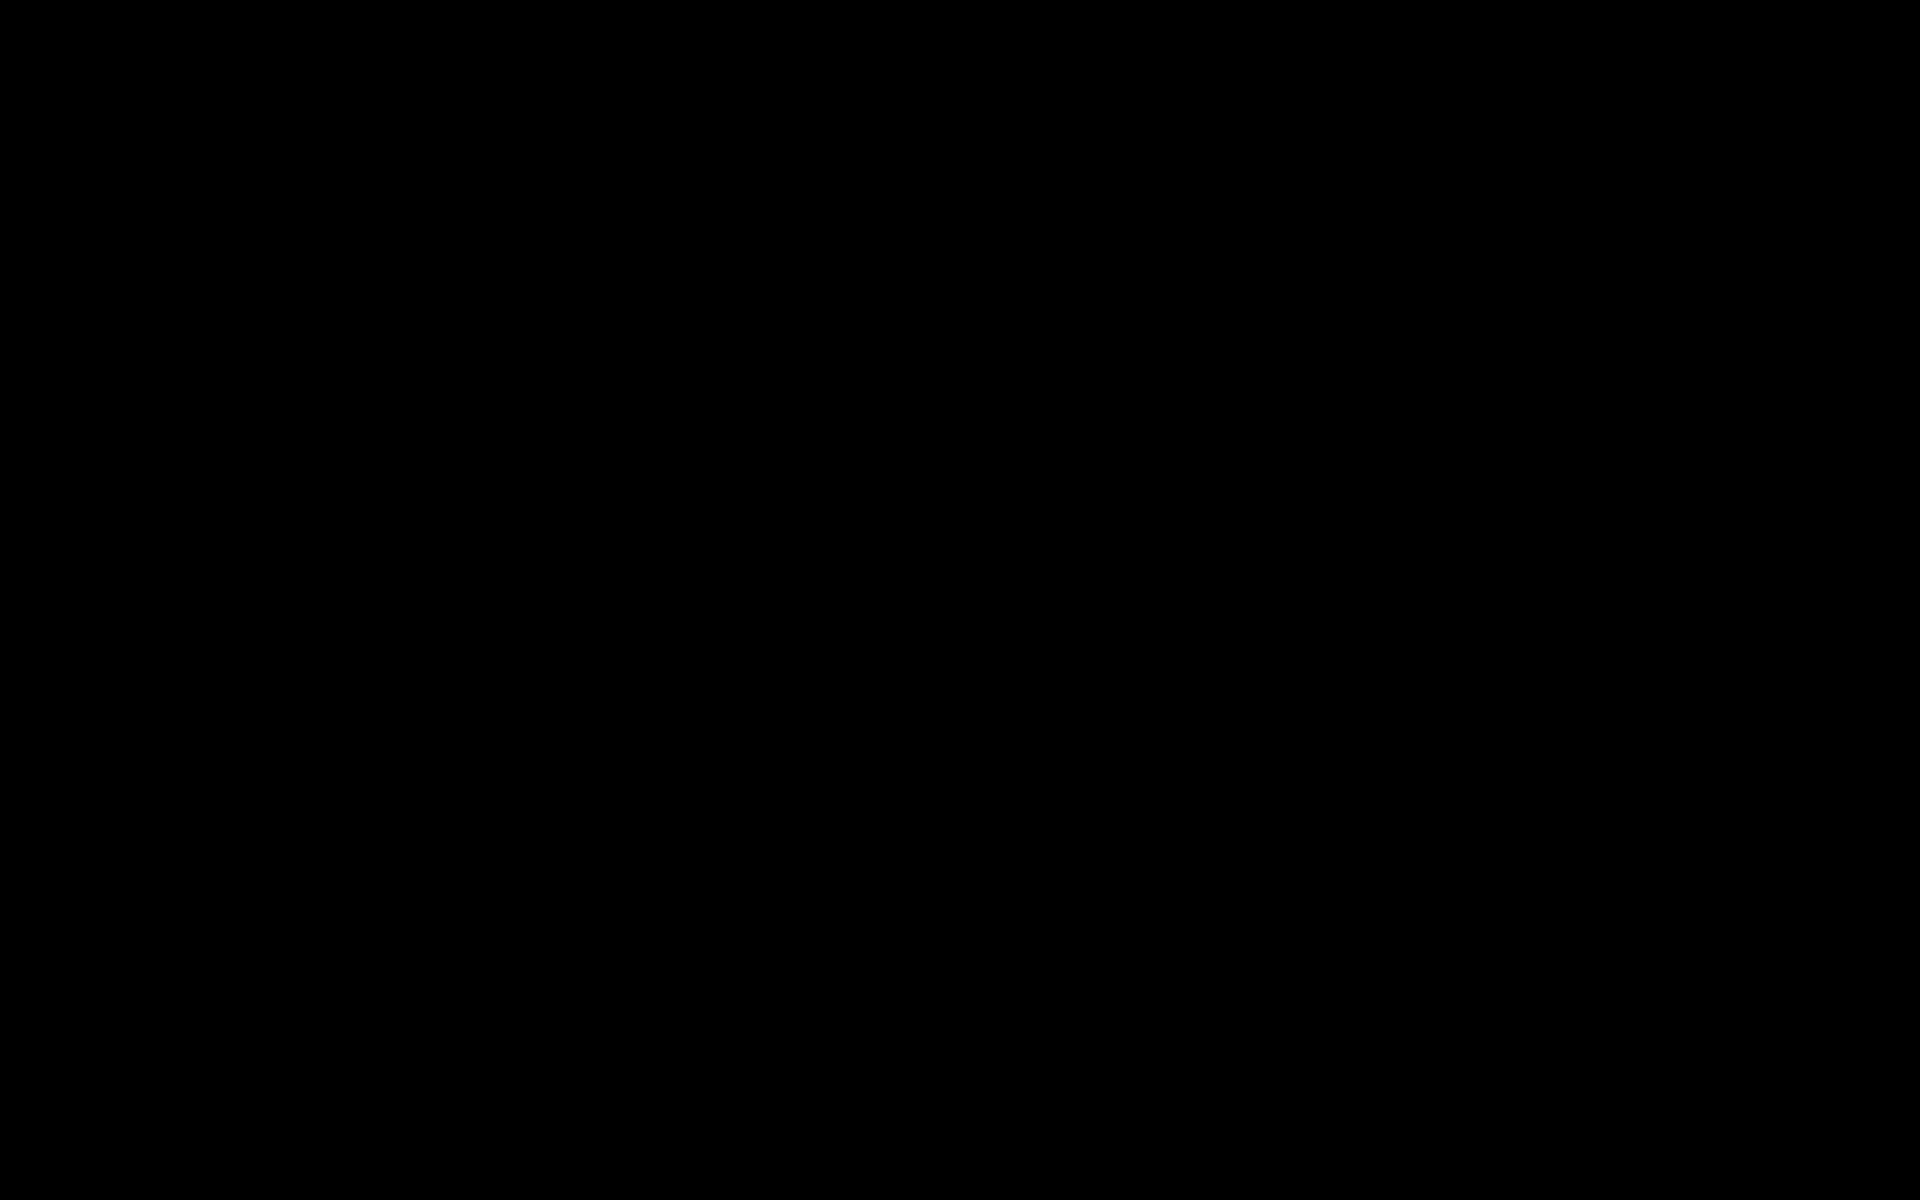 AST 250 современная система караоке для использования в домашних и коммерческих целях